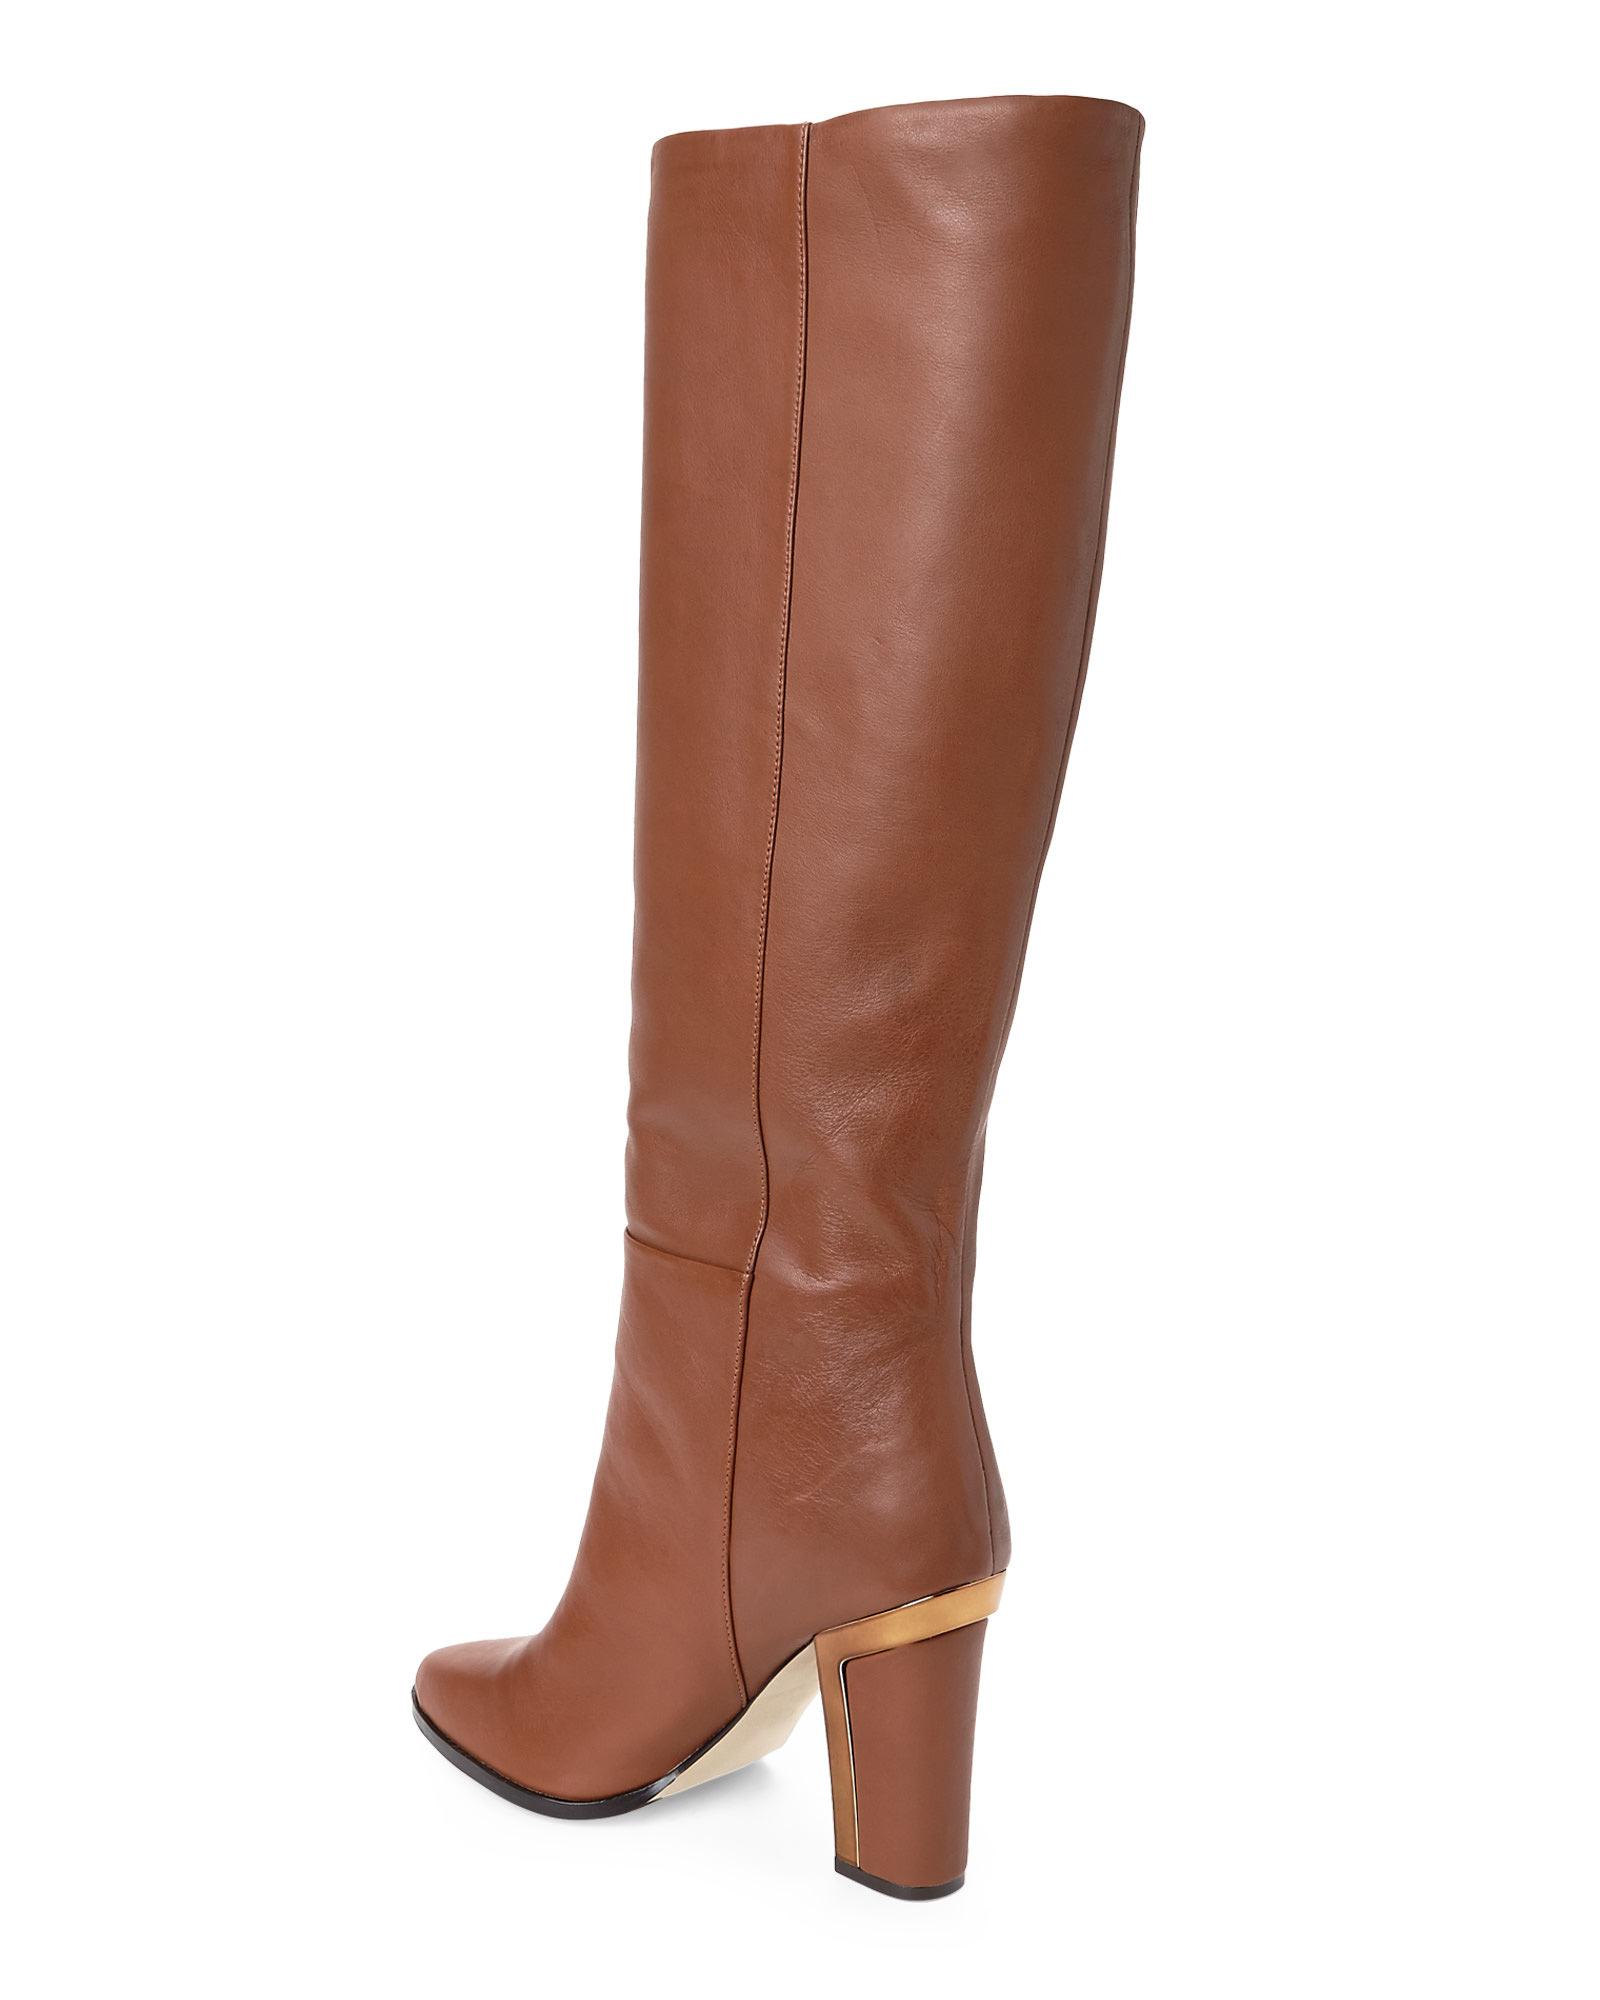 3645308fd8ff BCBGMAXAZRIA Tan Oak Tall Boots in Brown - Lyst